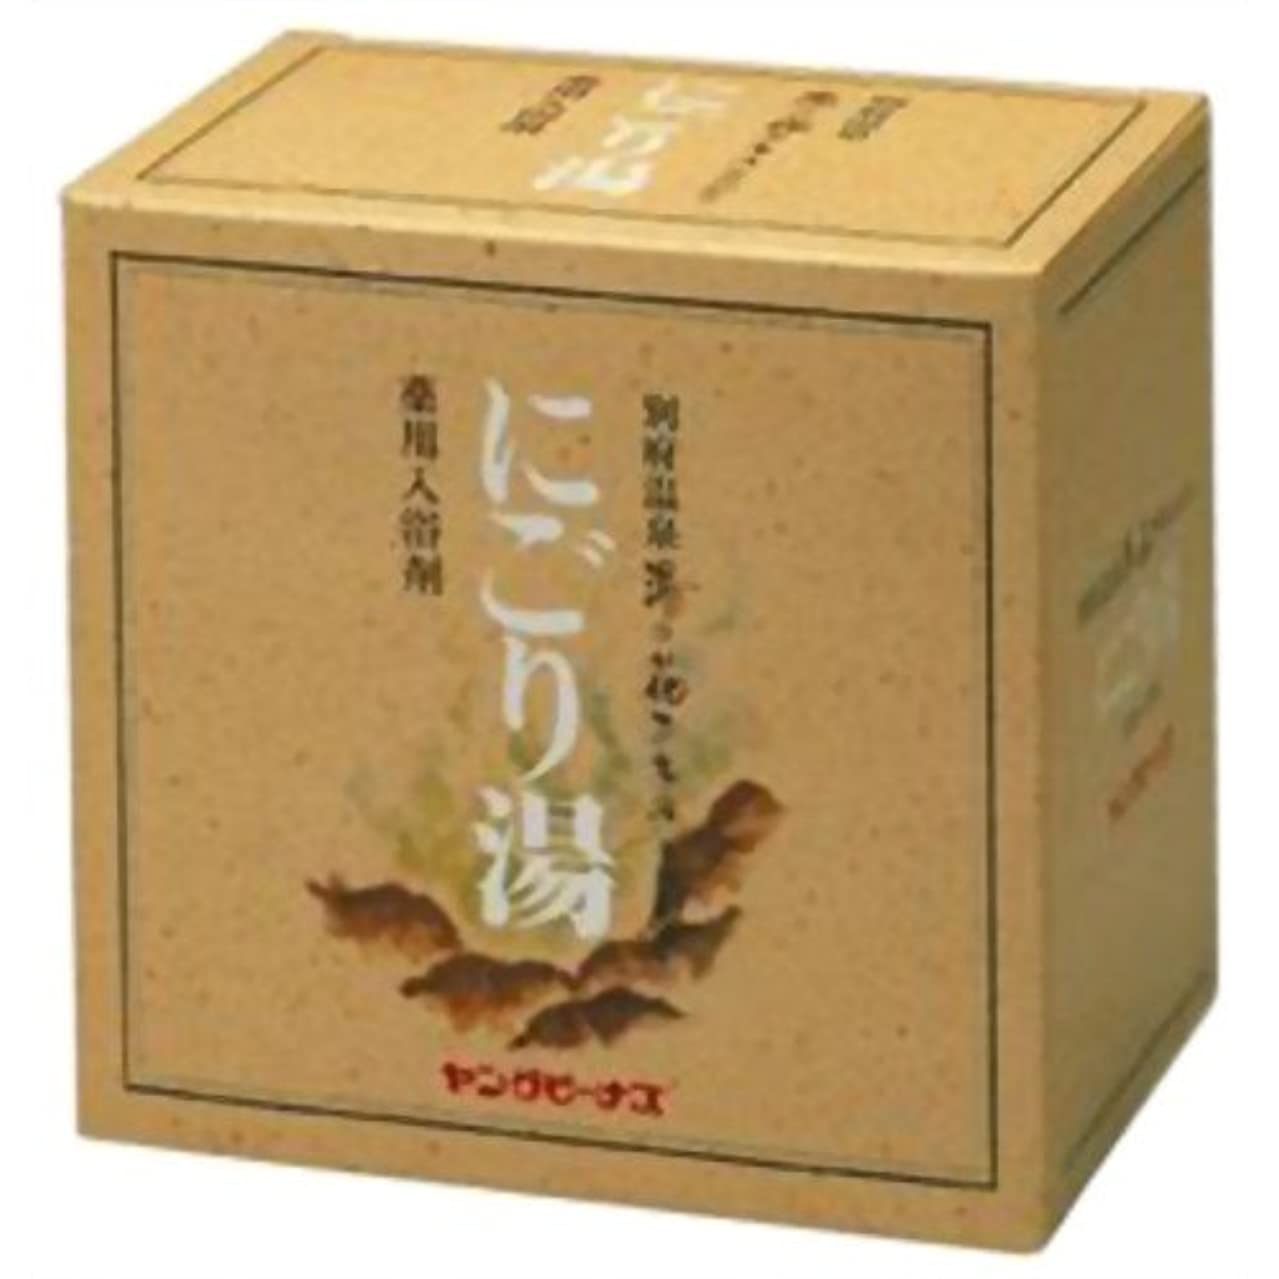 否定する代表する配管ヤングビーナス にごり湯 入浴剤 M-10 50gx8袋入